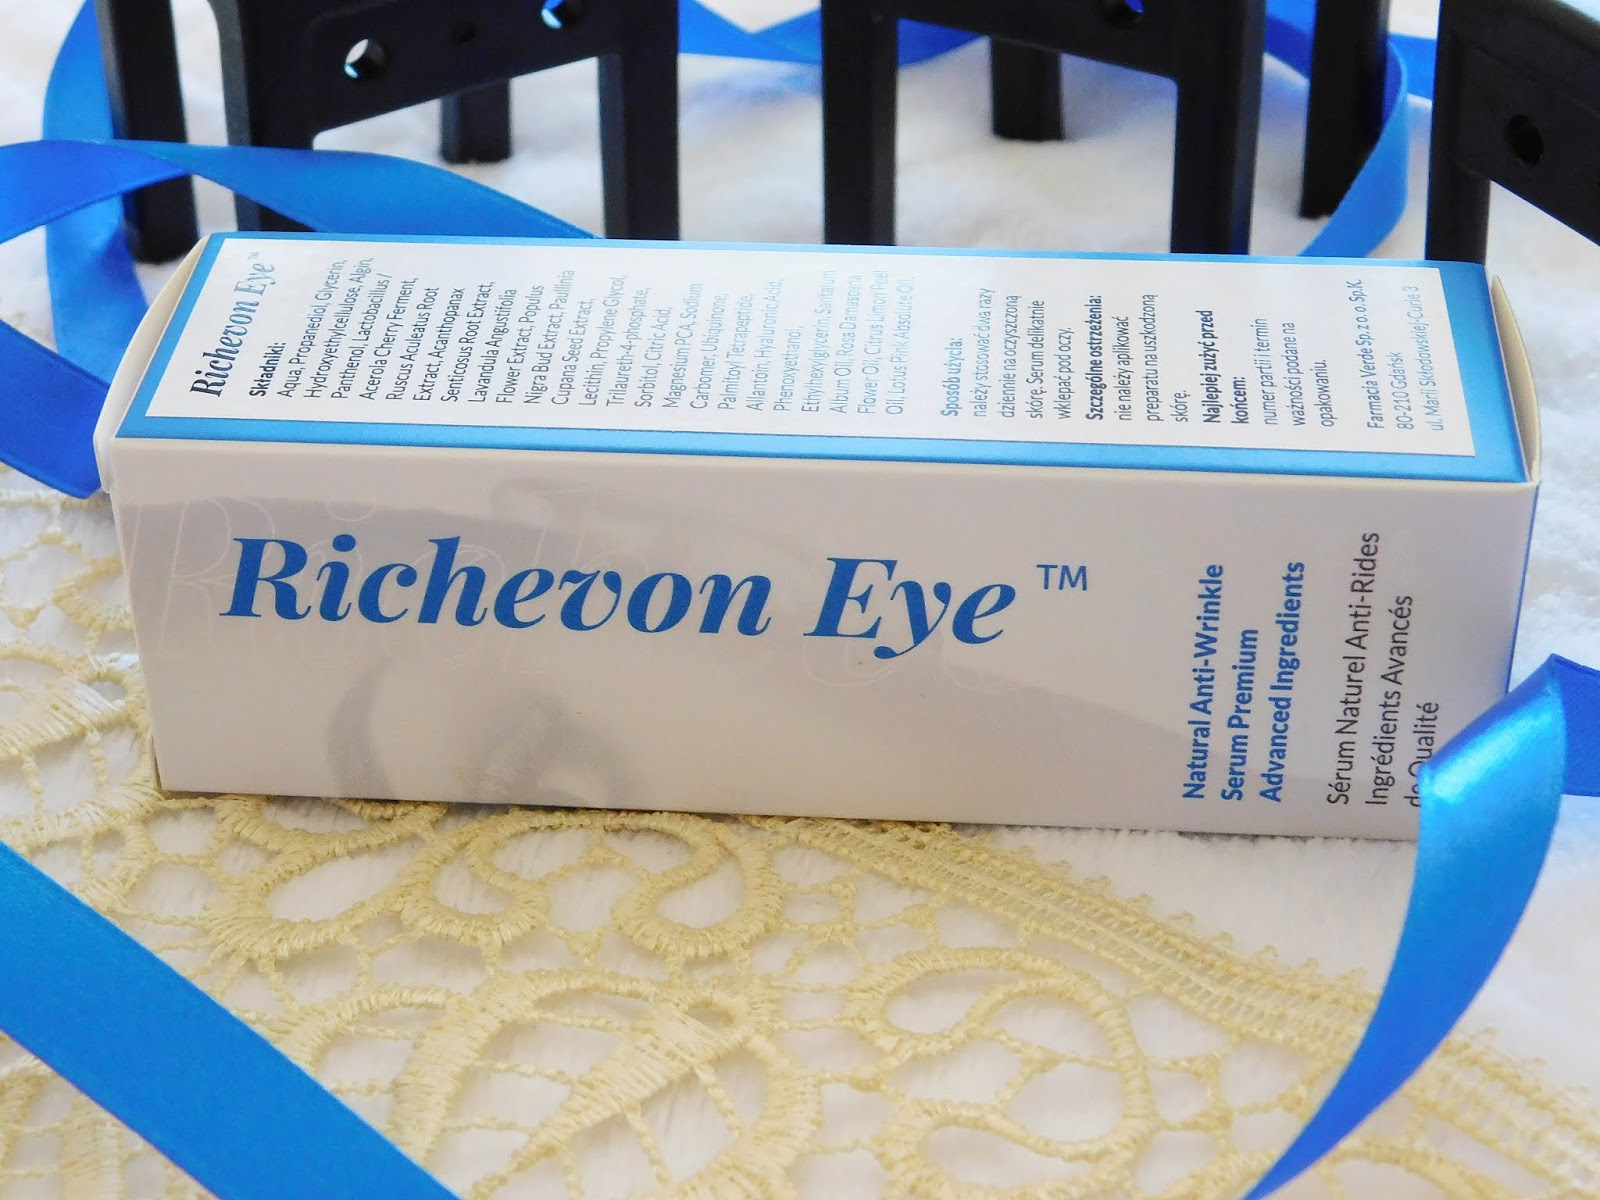 Serum pod oczy Richevon Eye. Siła natury w walce z oznakami starzenia się skóry.